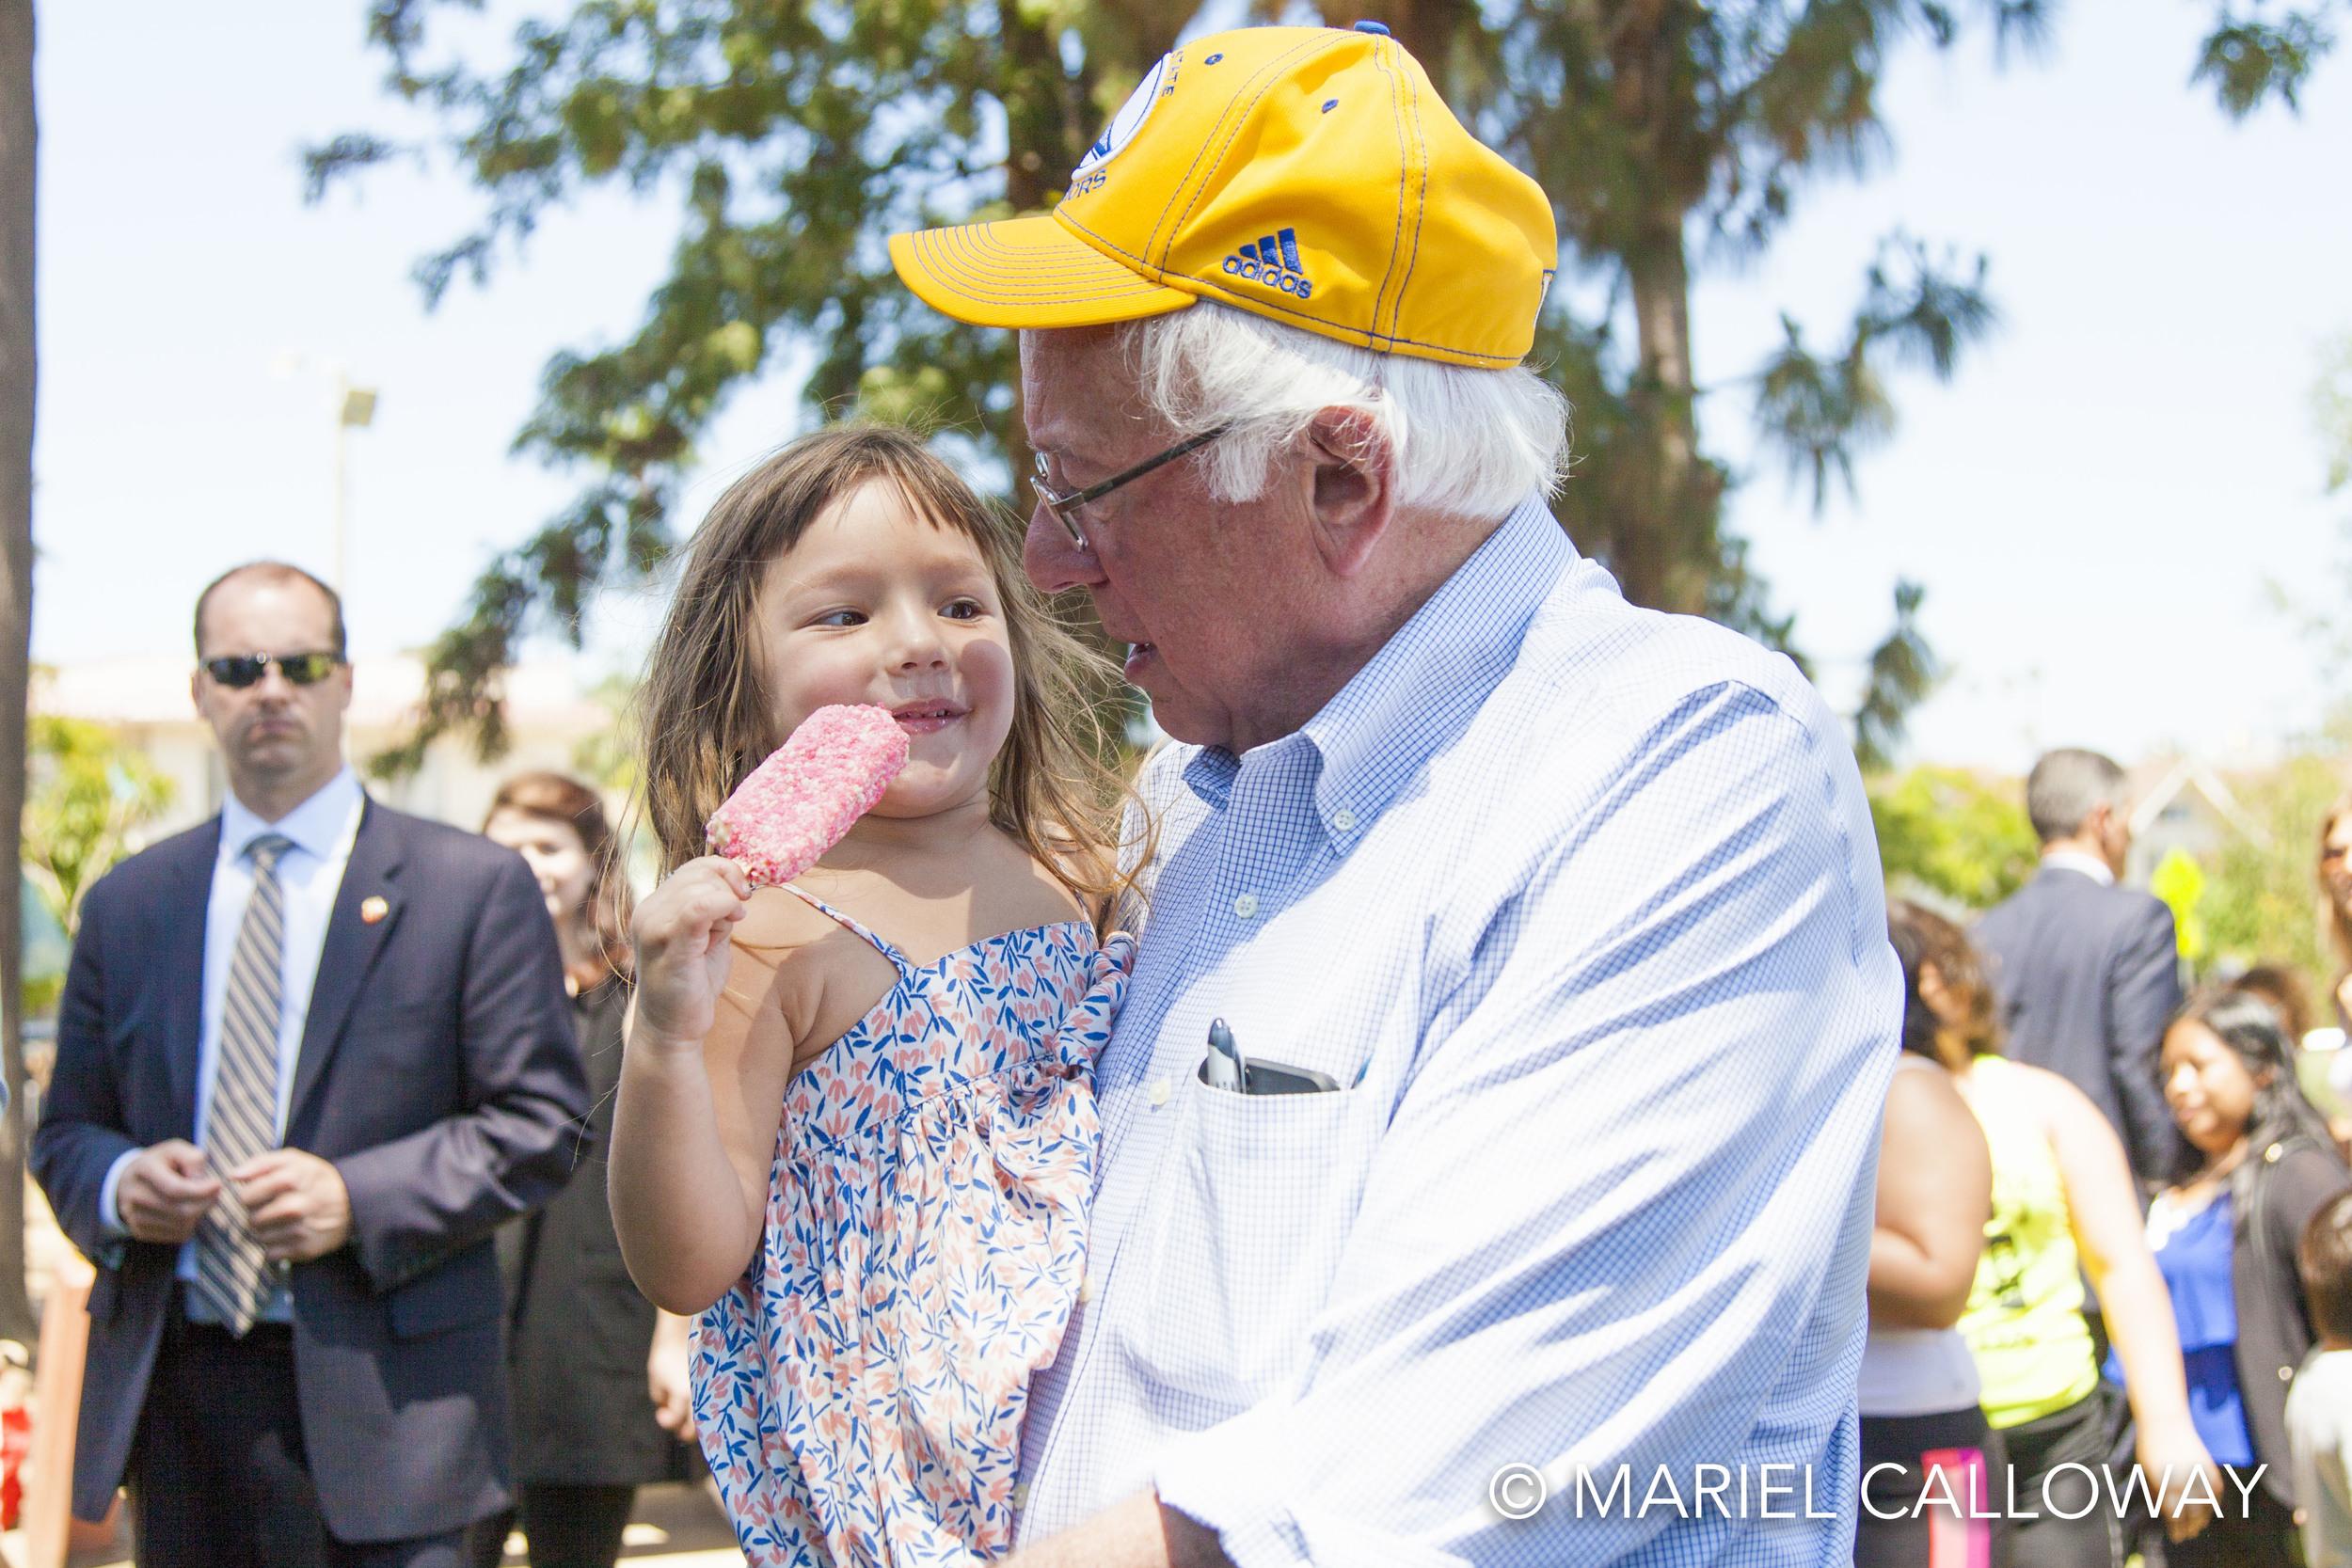 Bernie-Sanders-Mariel-Calloway-1.jpg